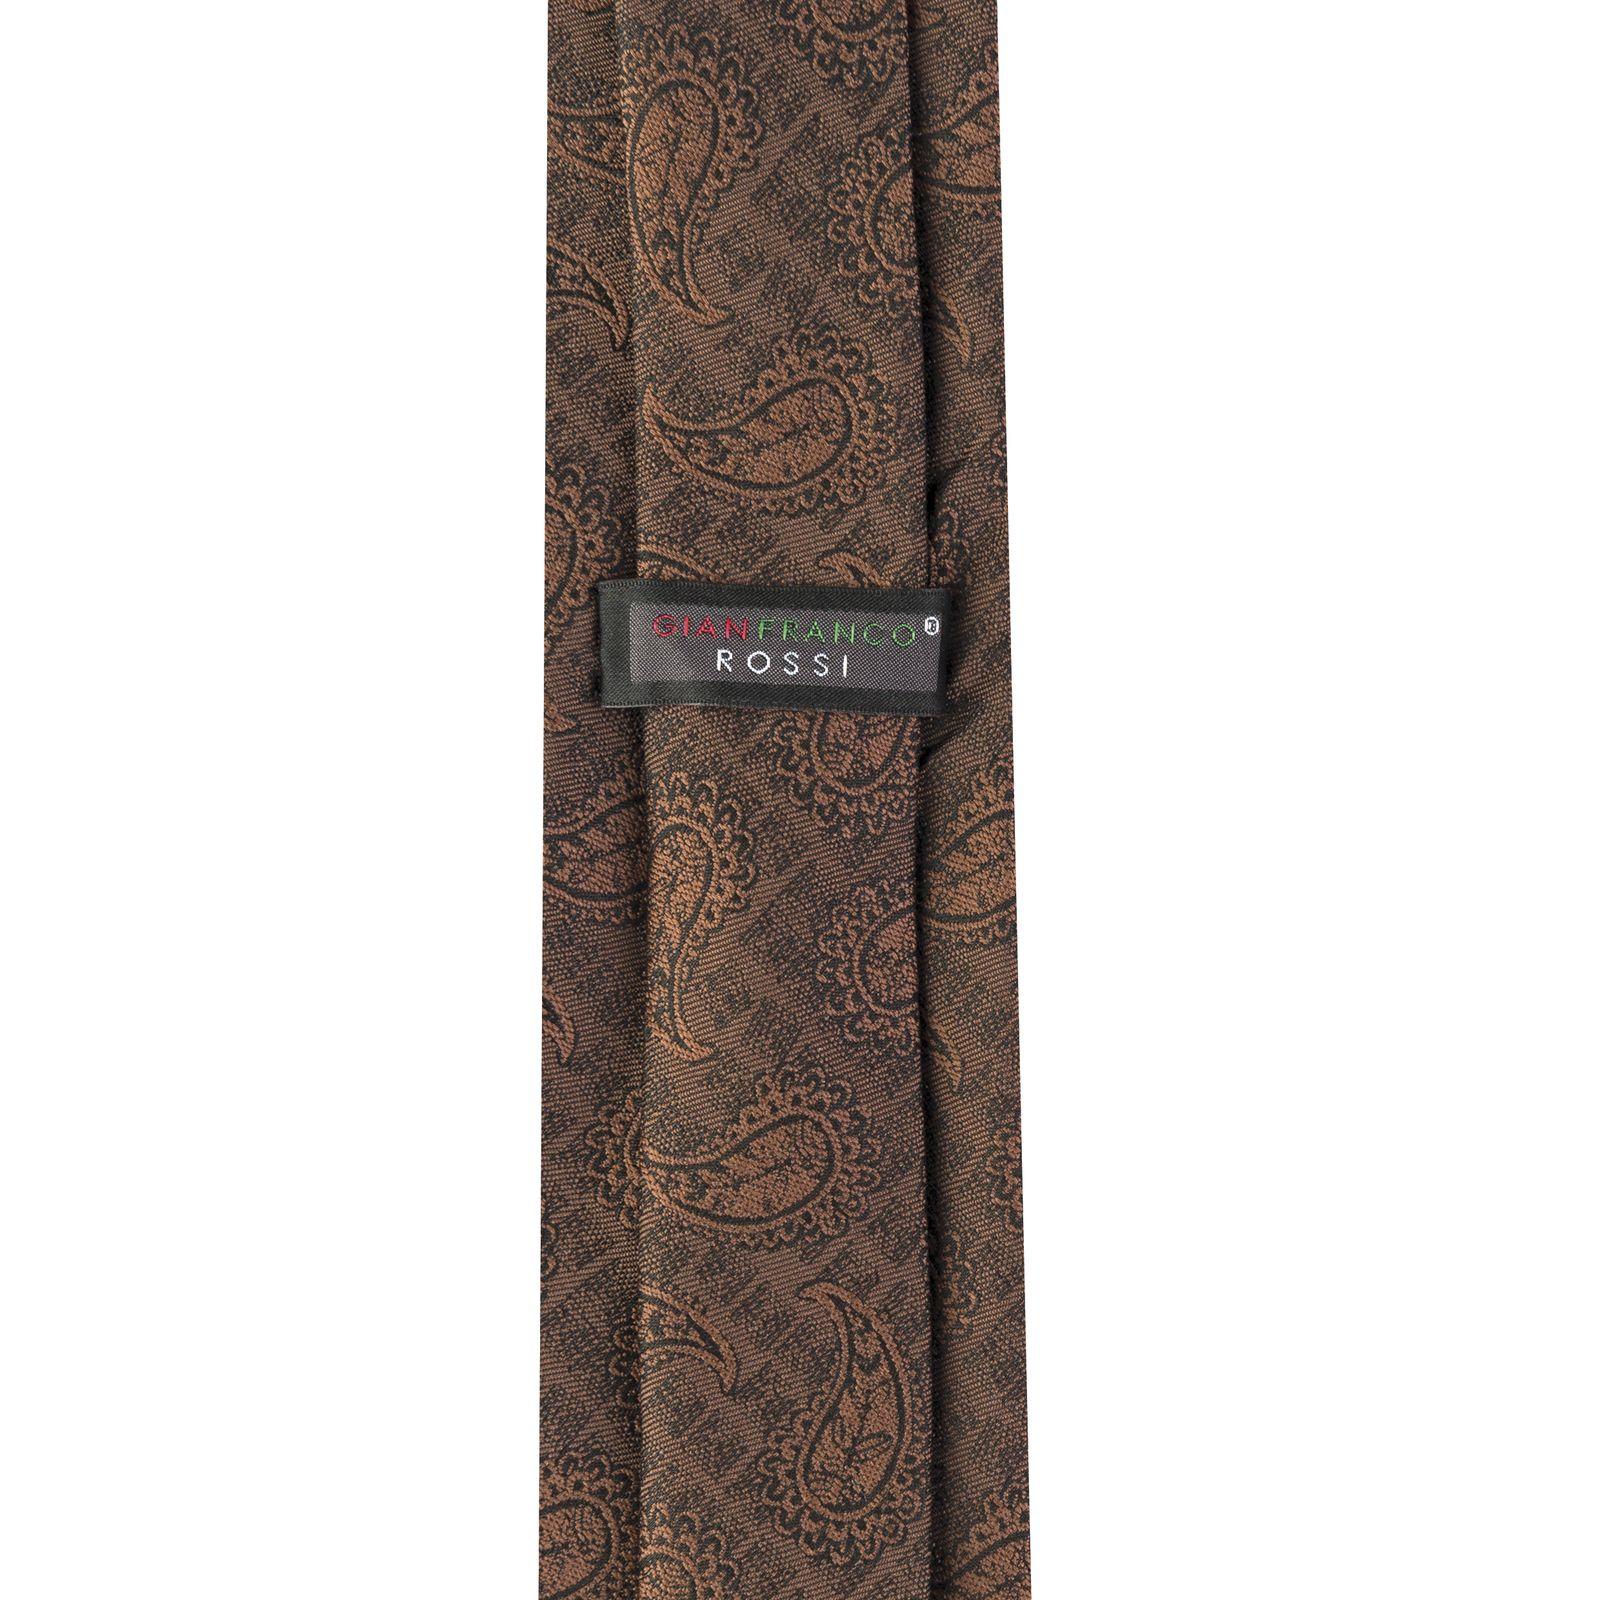 ست کراوات و دستمال جیب و گل کت مردانه جیان فرانکو روسی مدل GF-PA923-BR -  - 6